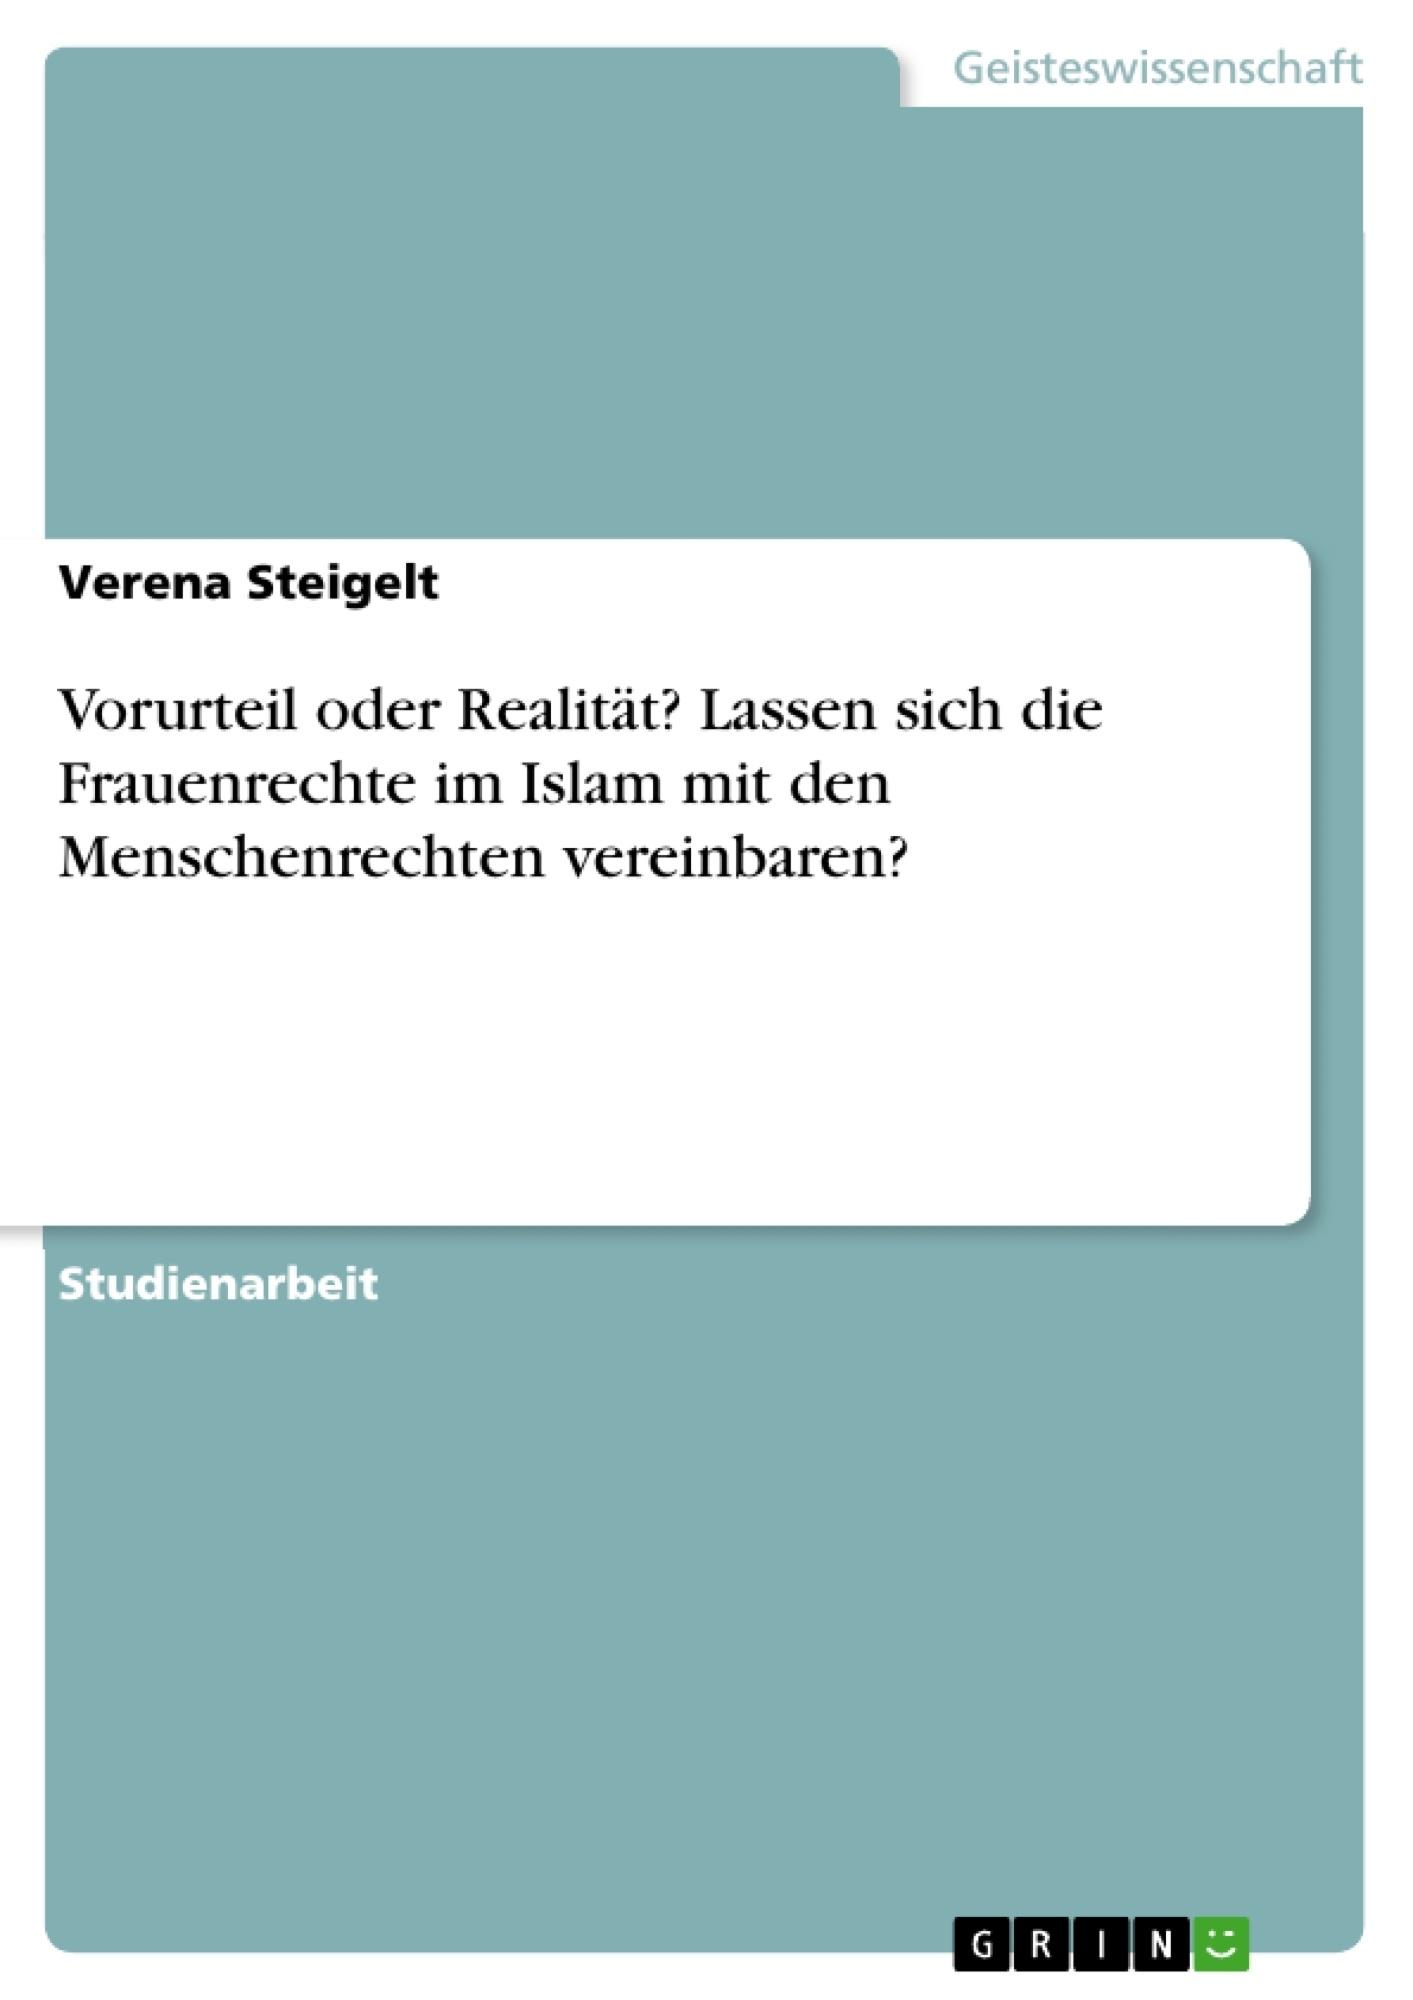 Titel: Vorurteil oder Realität? Lassen sich die Frauenrechte im Islam mit den Menschenrechten vereinbaren?